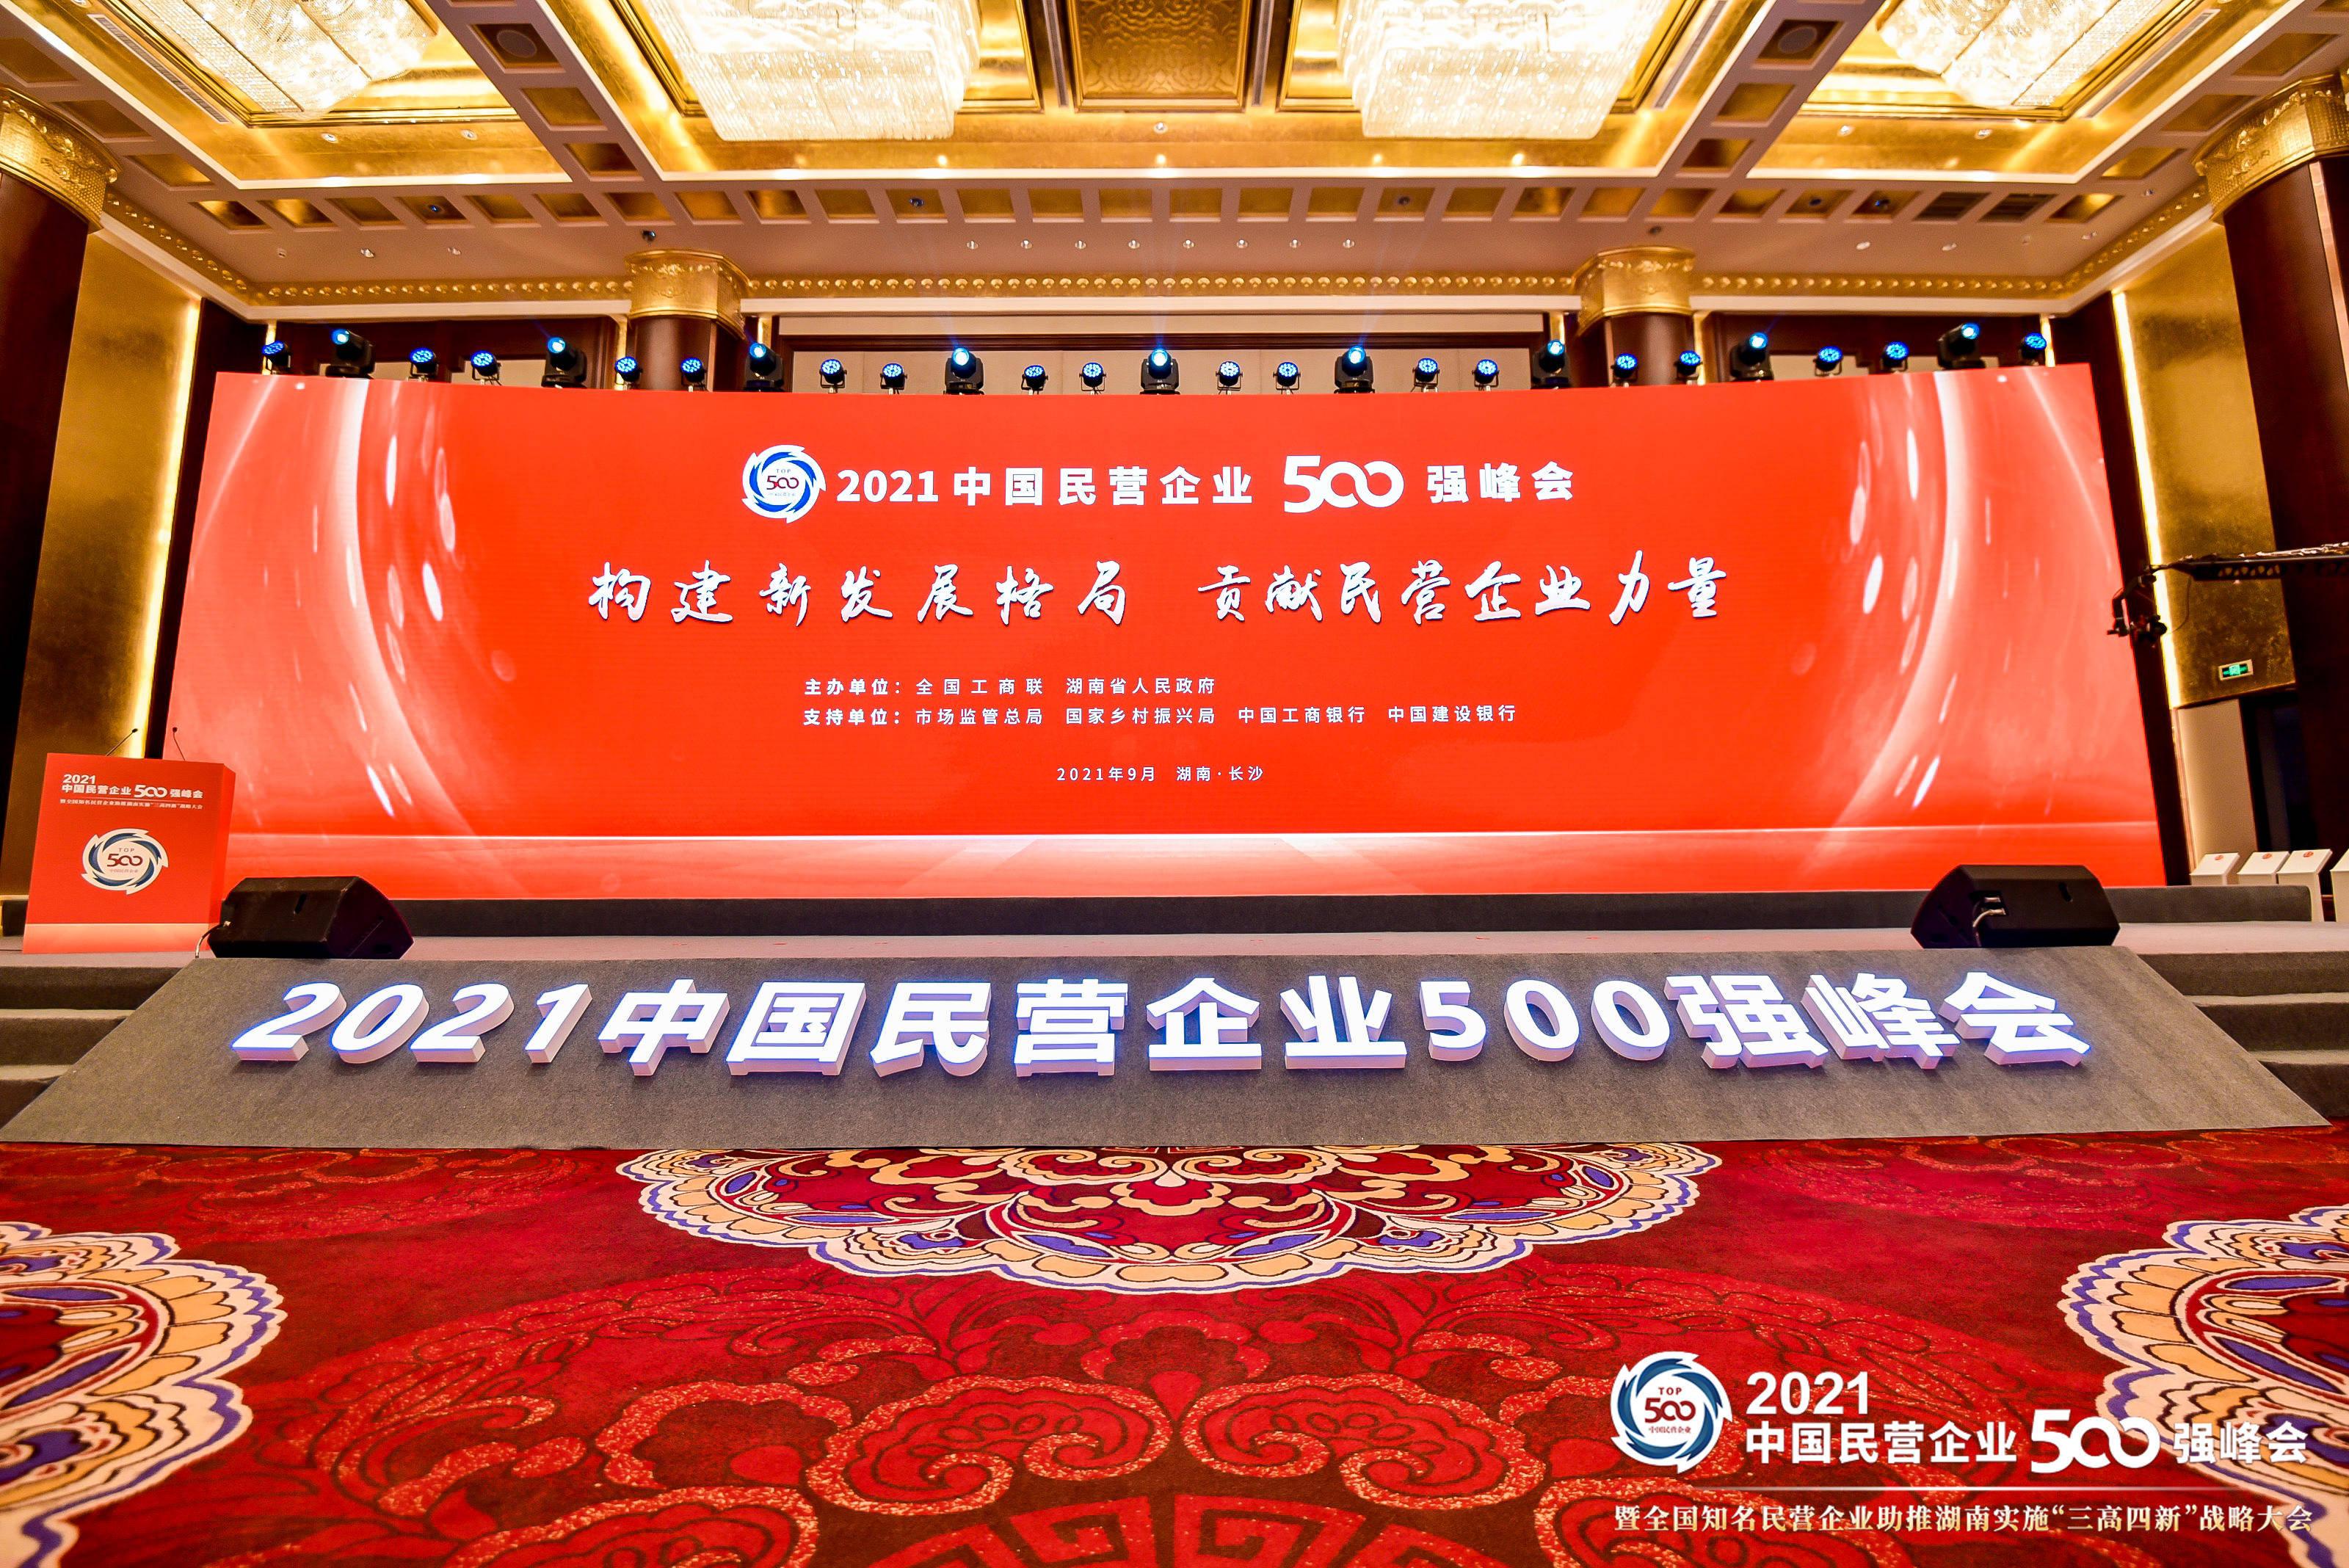 2021中国民企500强发布 纳税总额达1.36万亿元